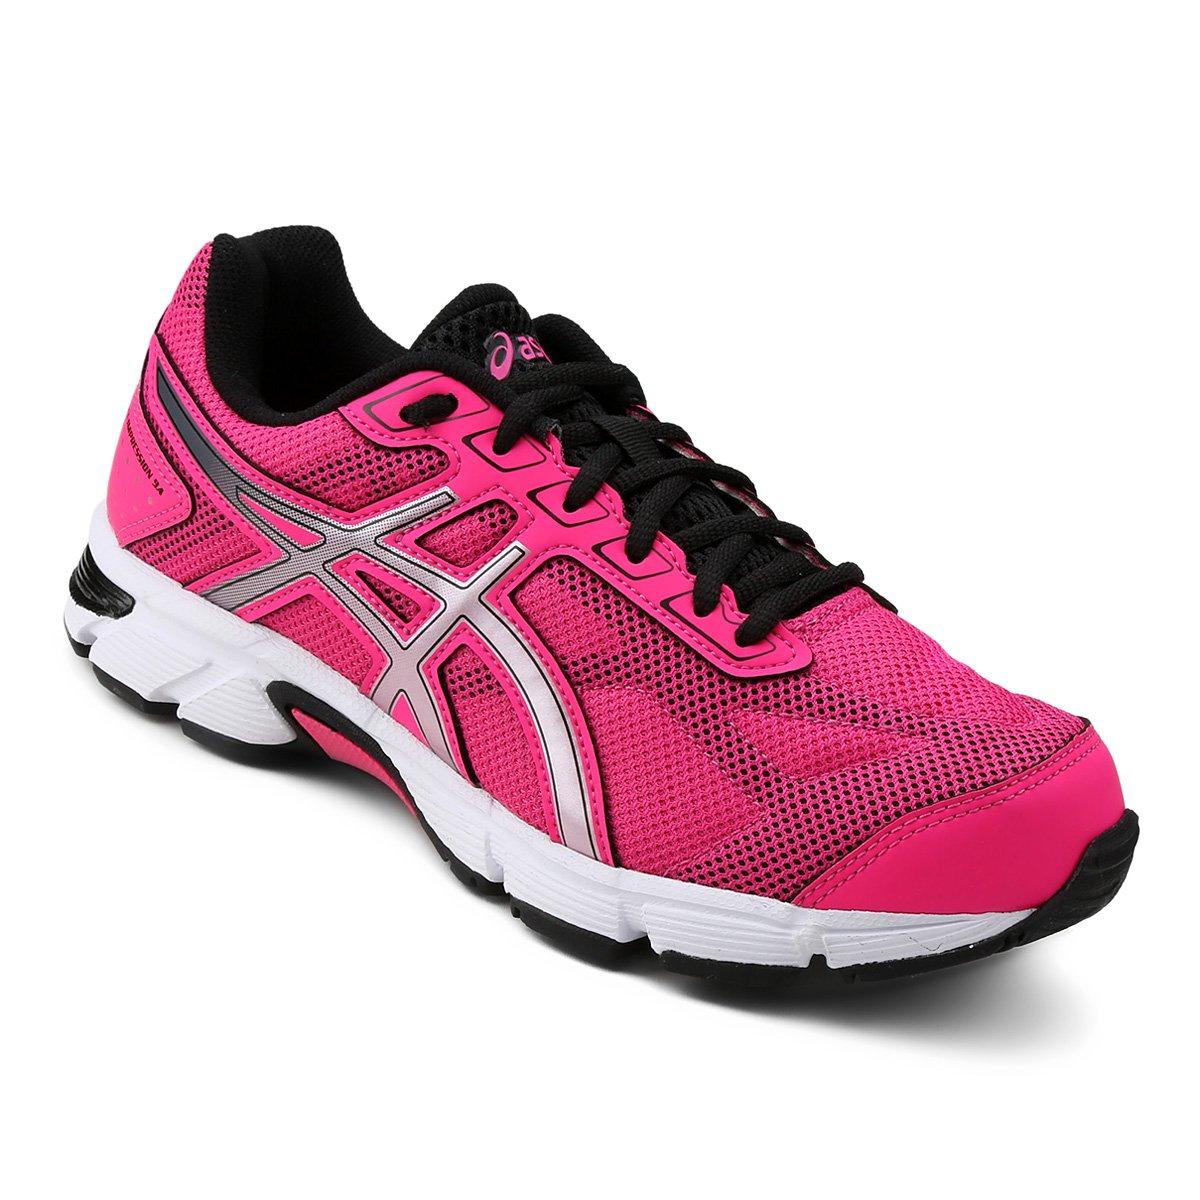 Tênis Asics Gel Impression 9 Feminino - Pink e Preto - Compre Agora . 8334b70ff284c